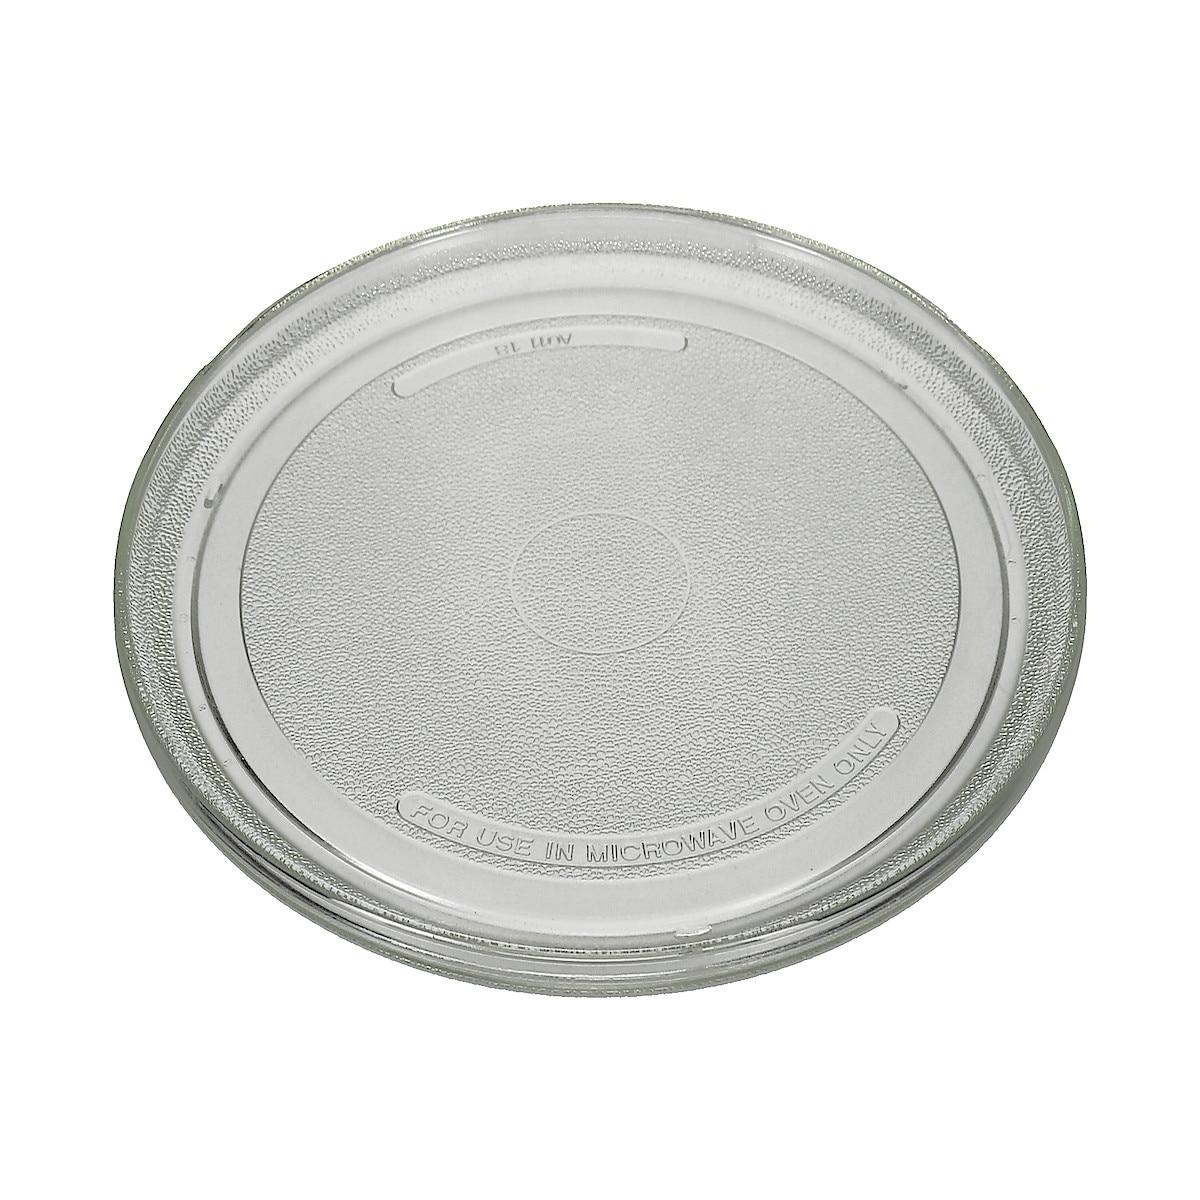 Glastallrik till mikrovågsugn 275 cm